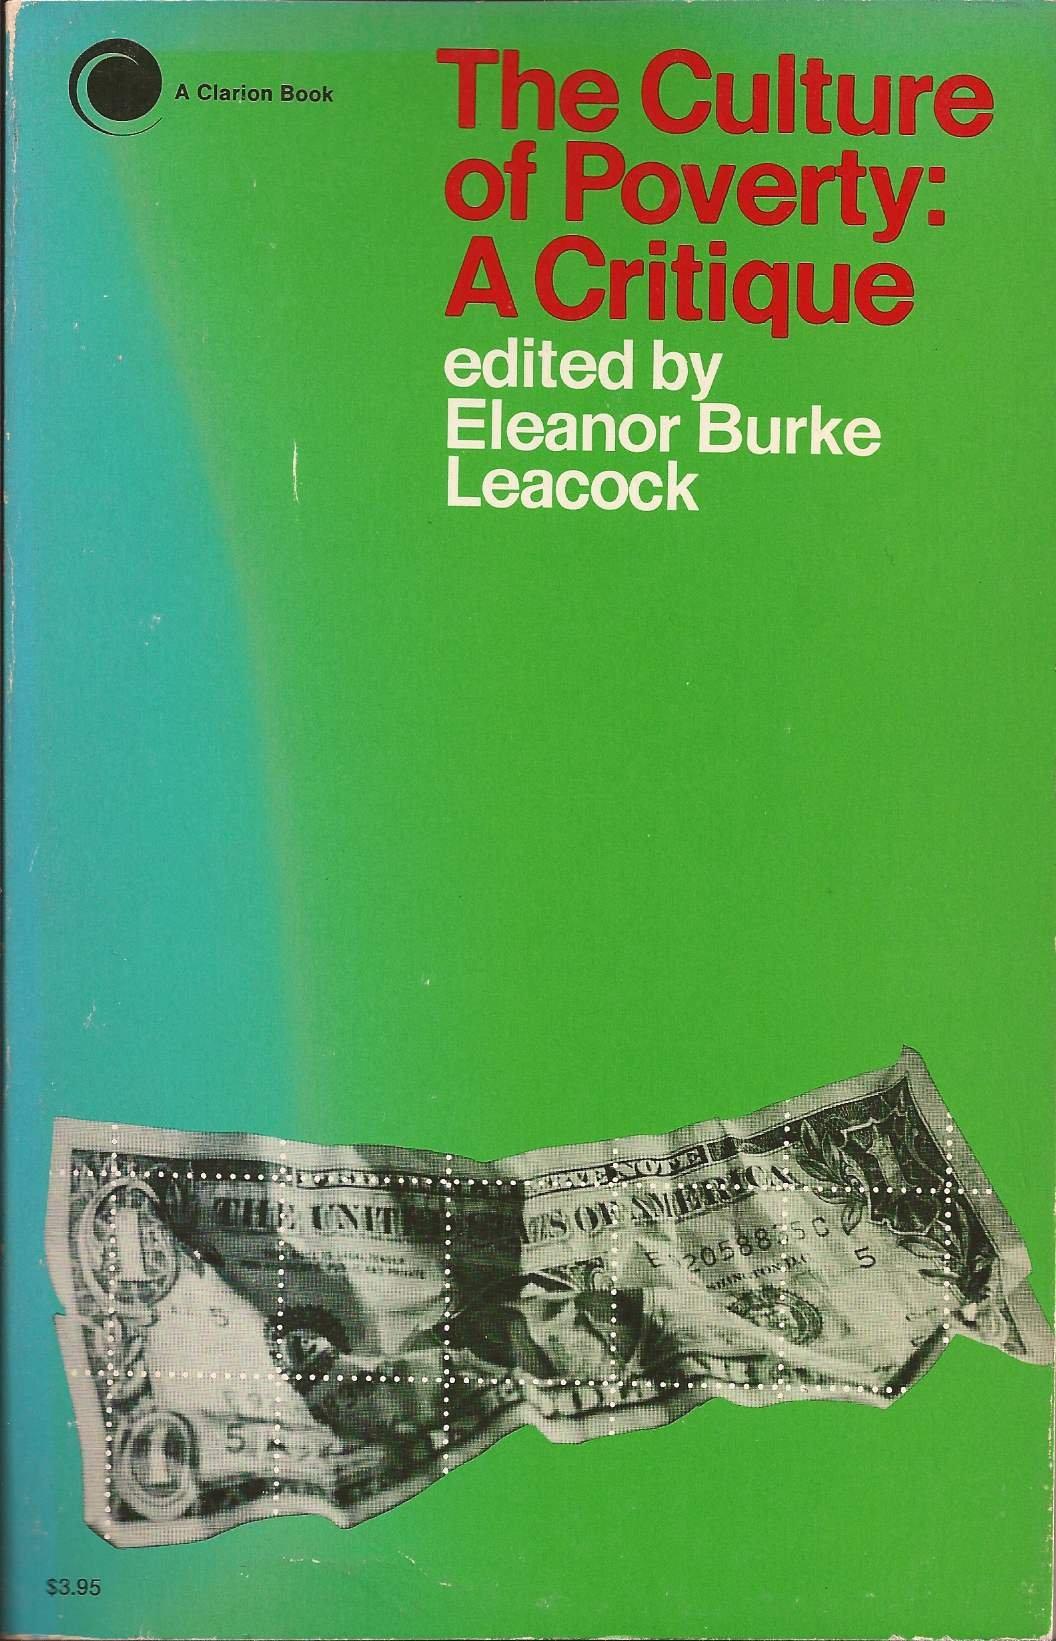 the culture of poverty a critique eleanor burke leacock the culture of poverty a critique eleanor burke leacock 9780671208462 amazon com books